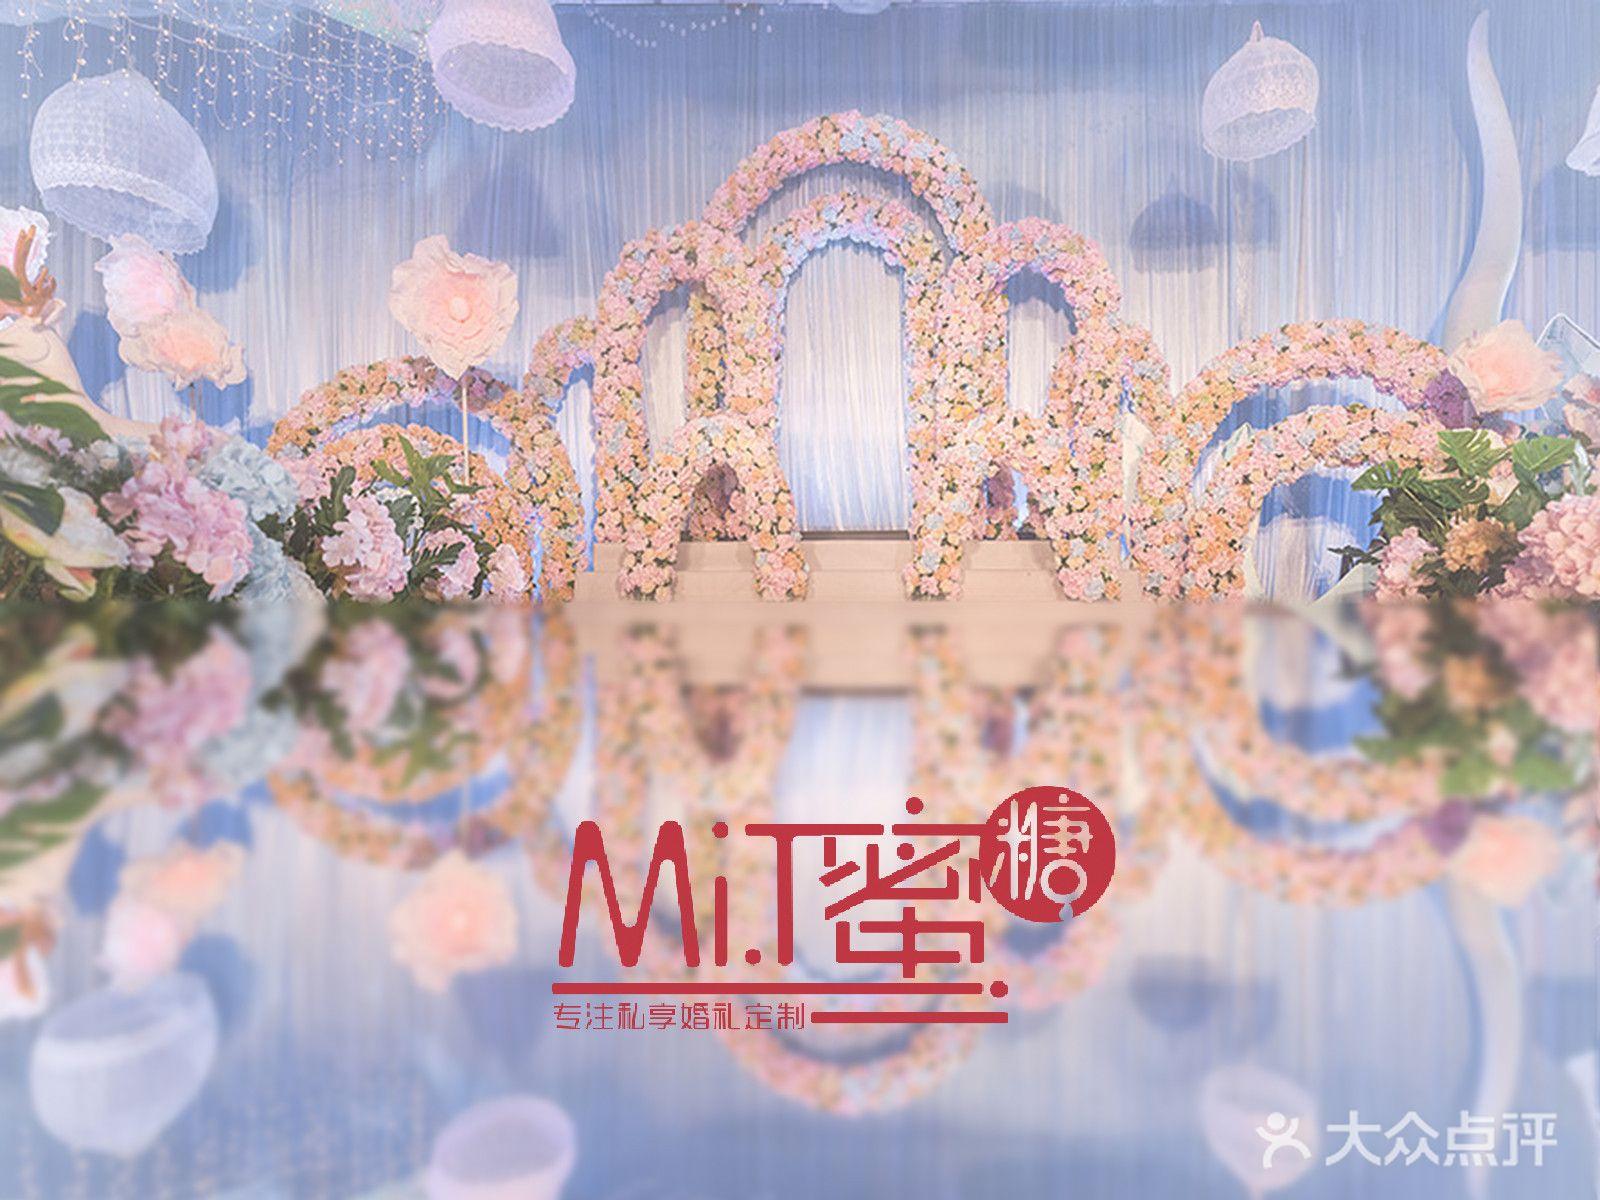 蜜糖婚礼的图片